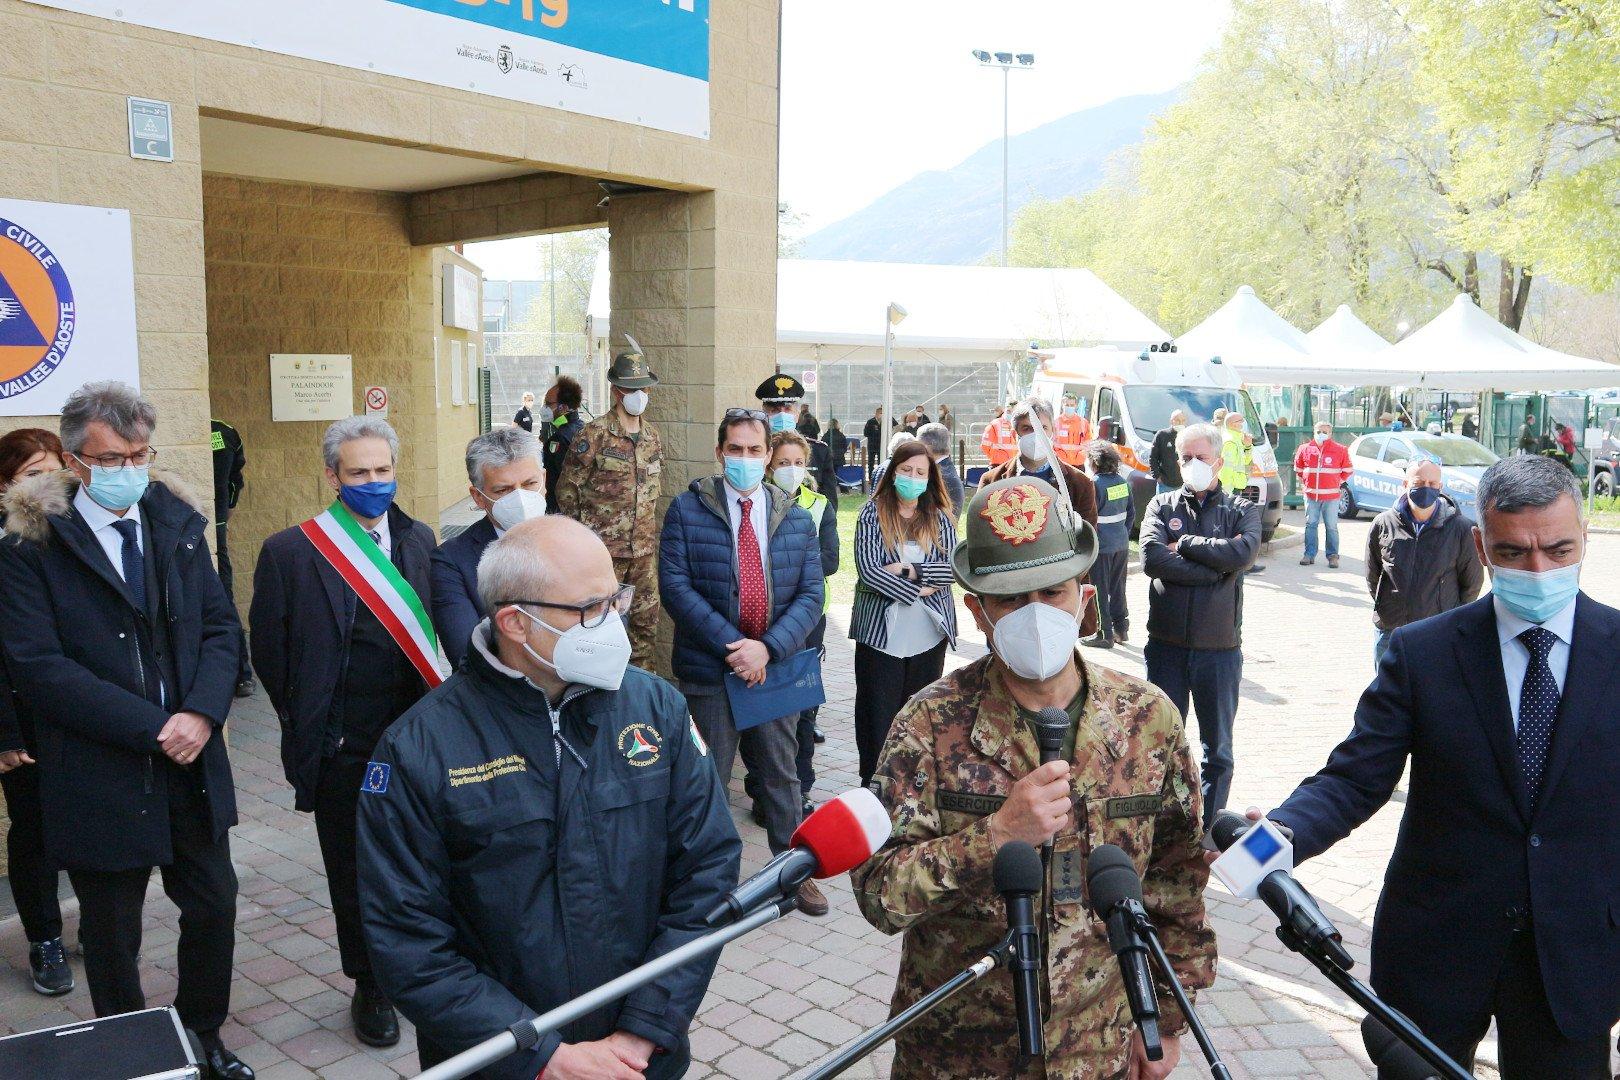 """Sarà l'Esercito a vaccinare gli over-80 delle zone """"impervie"""" della Valle d'Aosta: in arrivo un migliaio di dosi extra per rispettare il piano"""